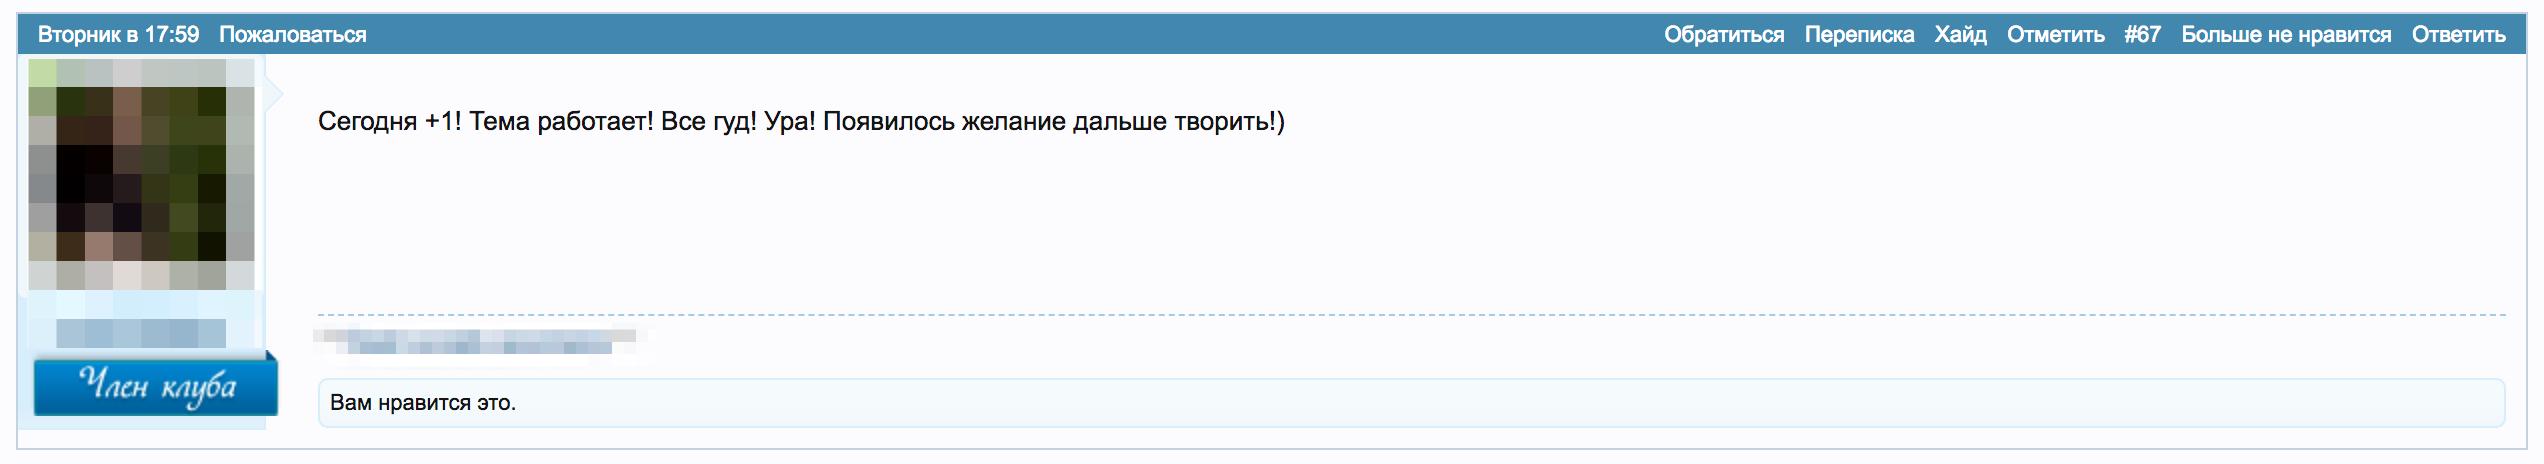 Снимок_экрана_2018-09-24_в_13_11_57.png